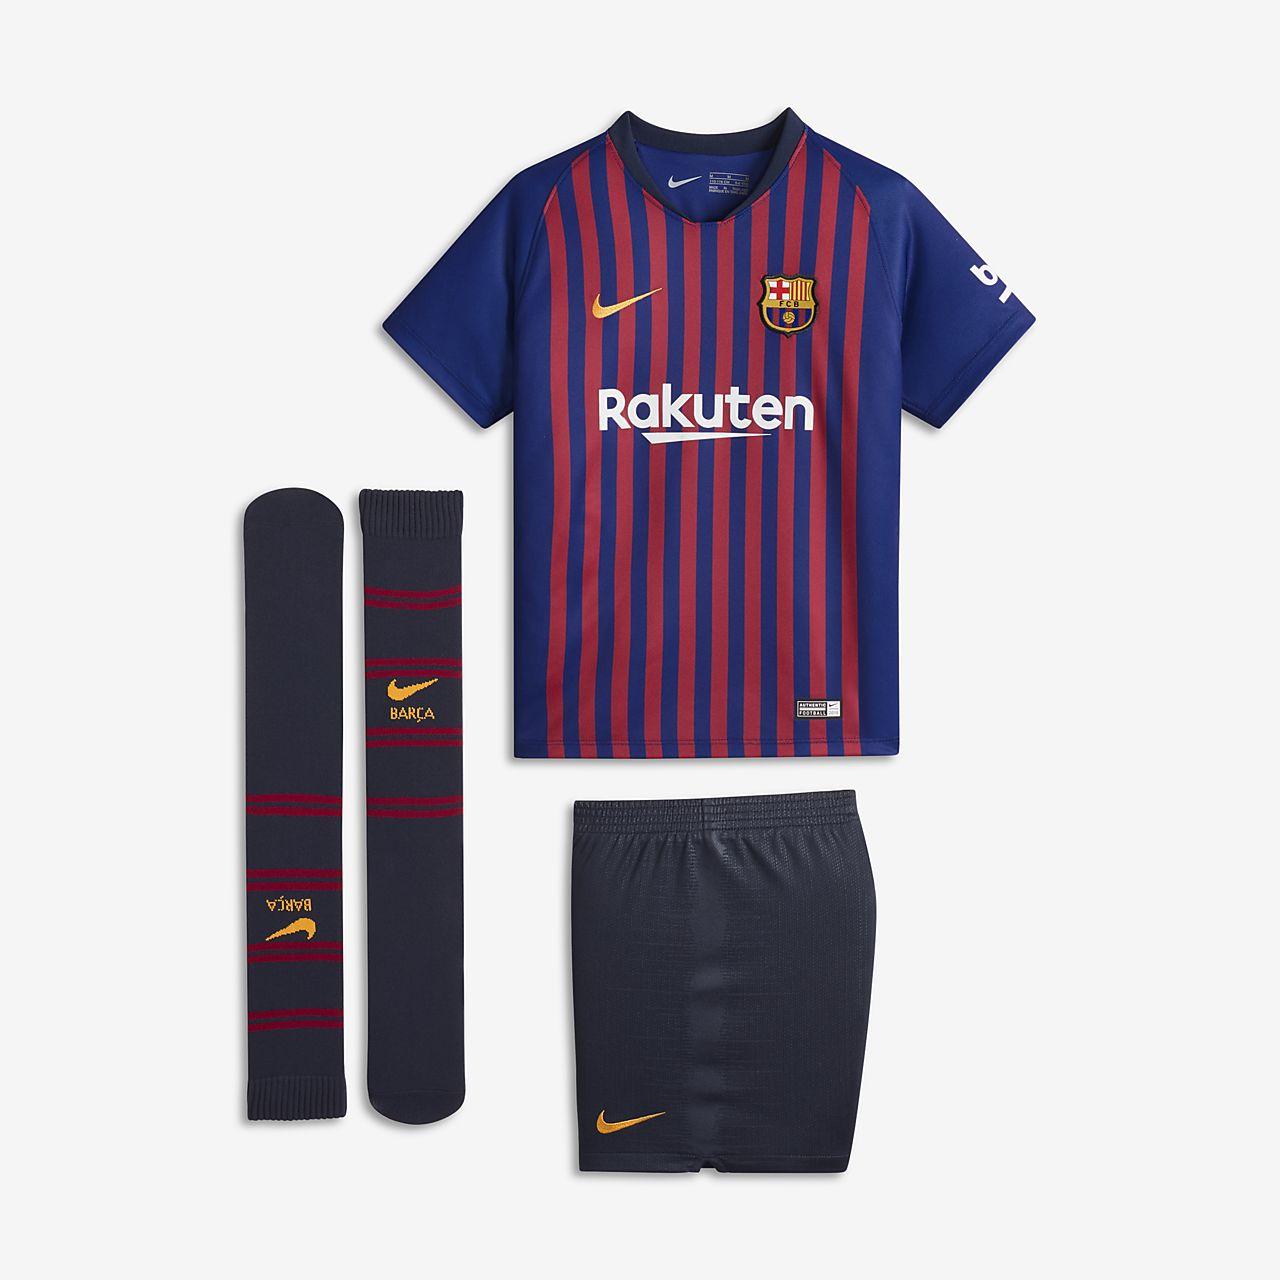 Nike Kadın Spor Giyim Modelleri 2019